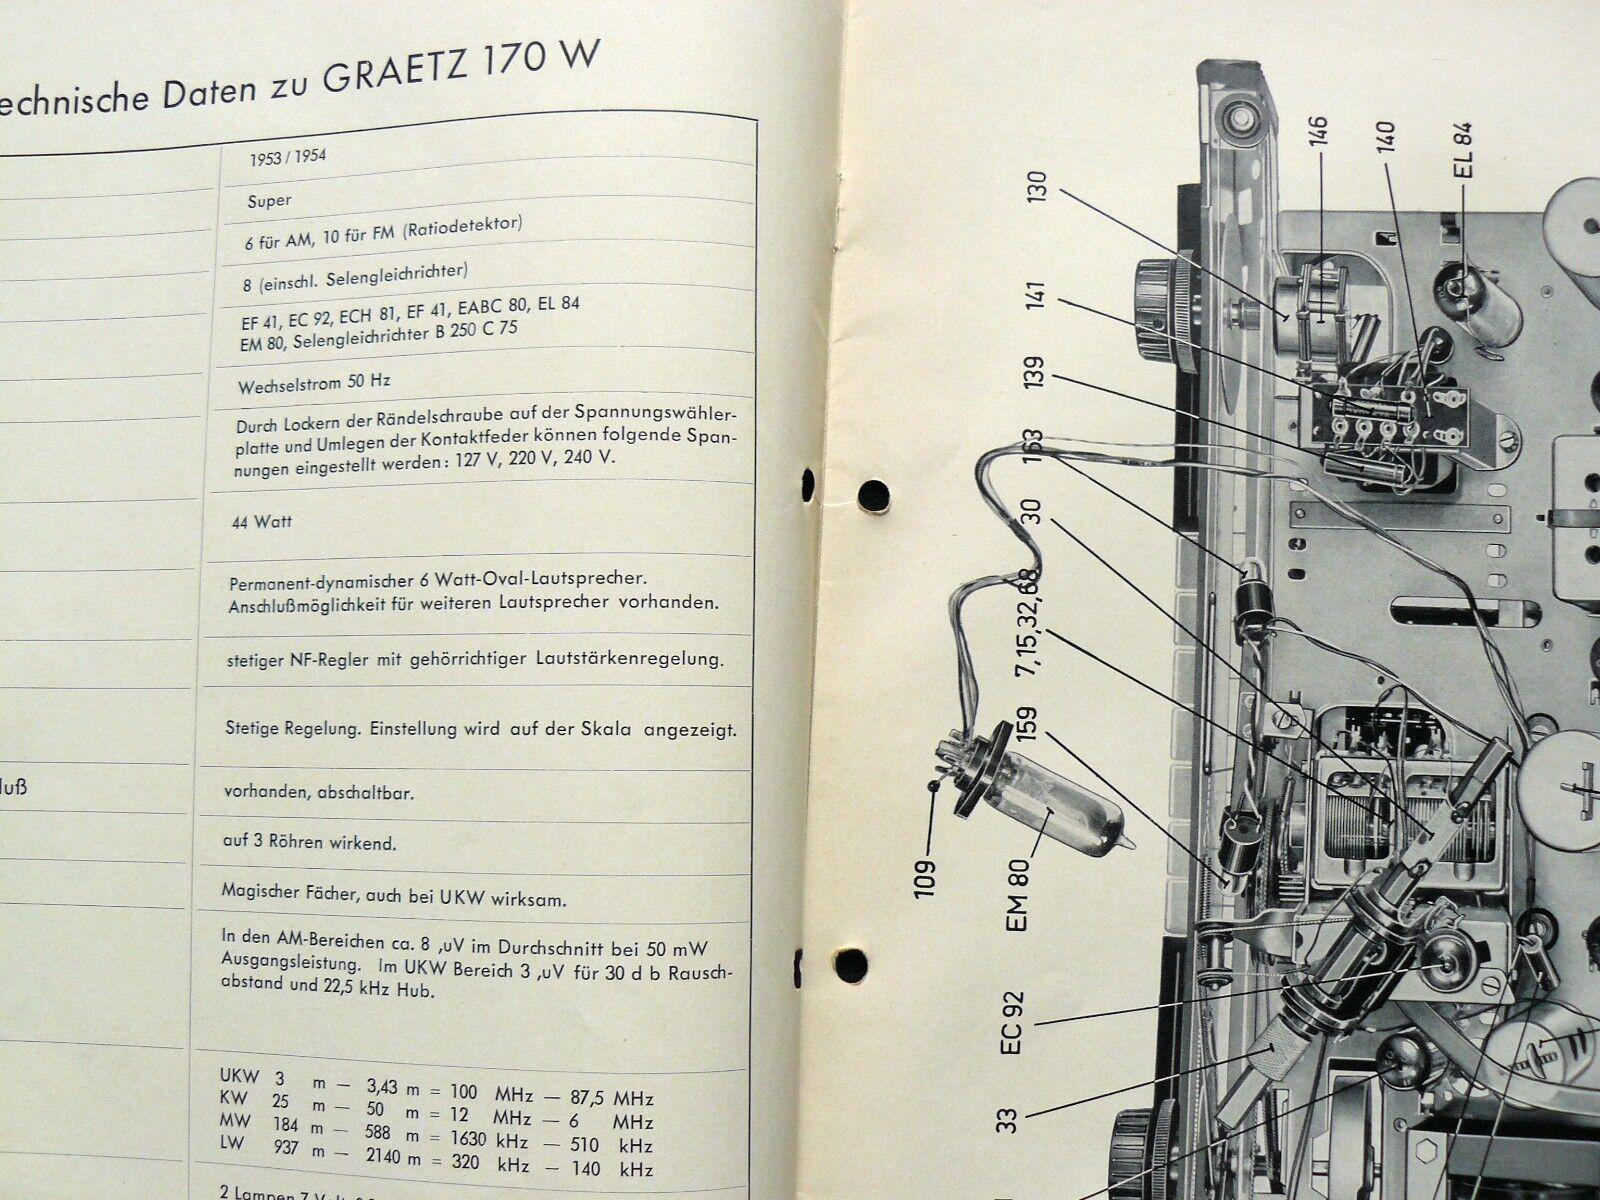 Graetz Super 170 W 1953/54 Original Sehr selten Historische Radio-Anleitung